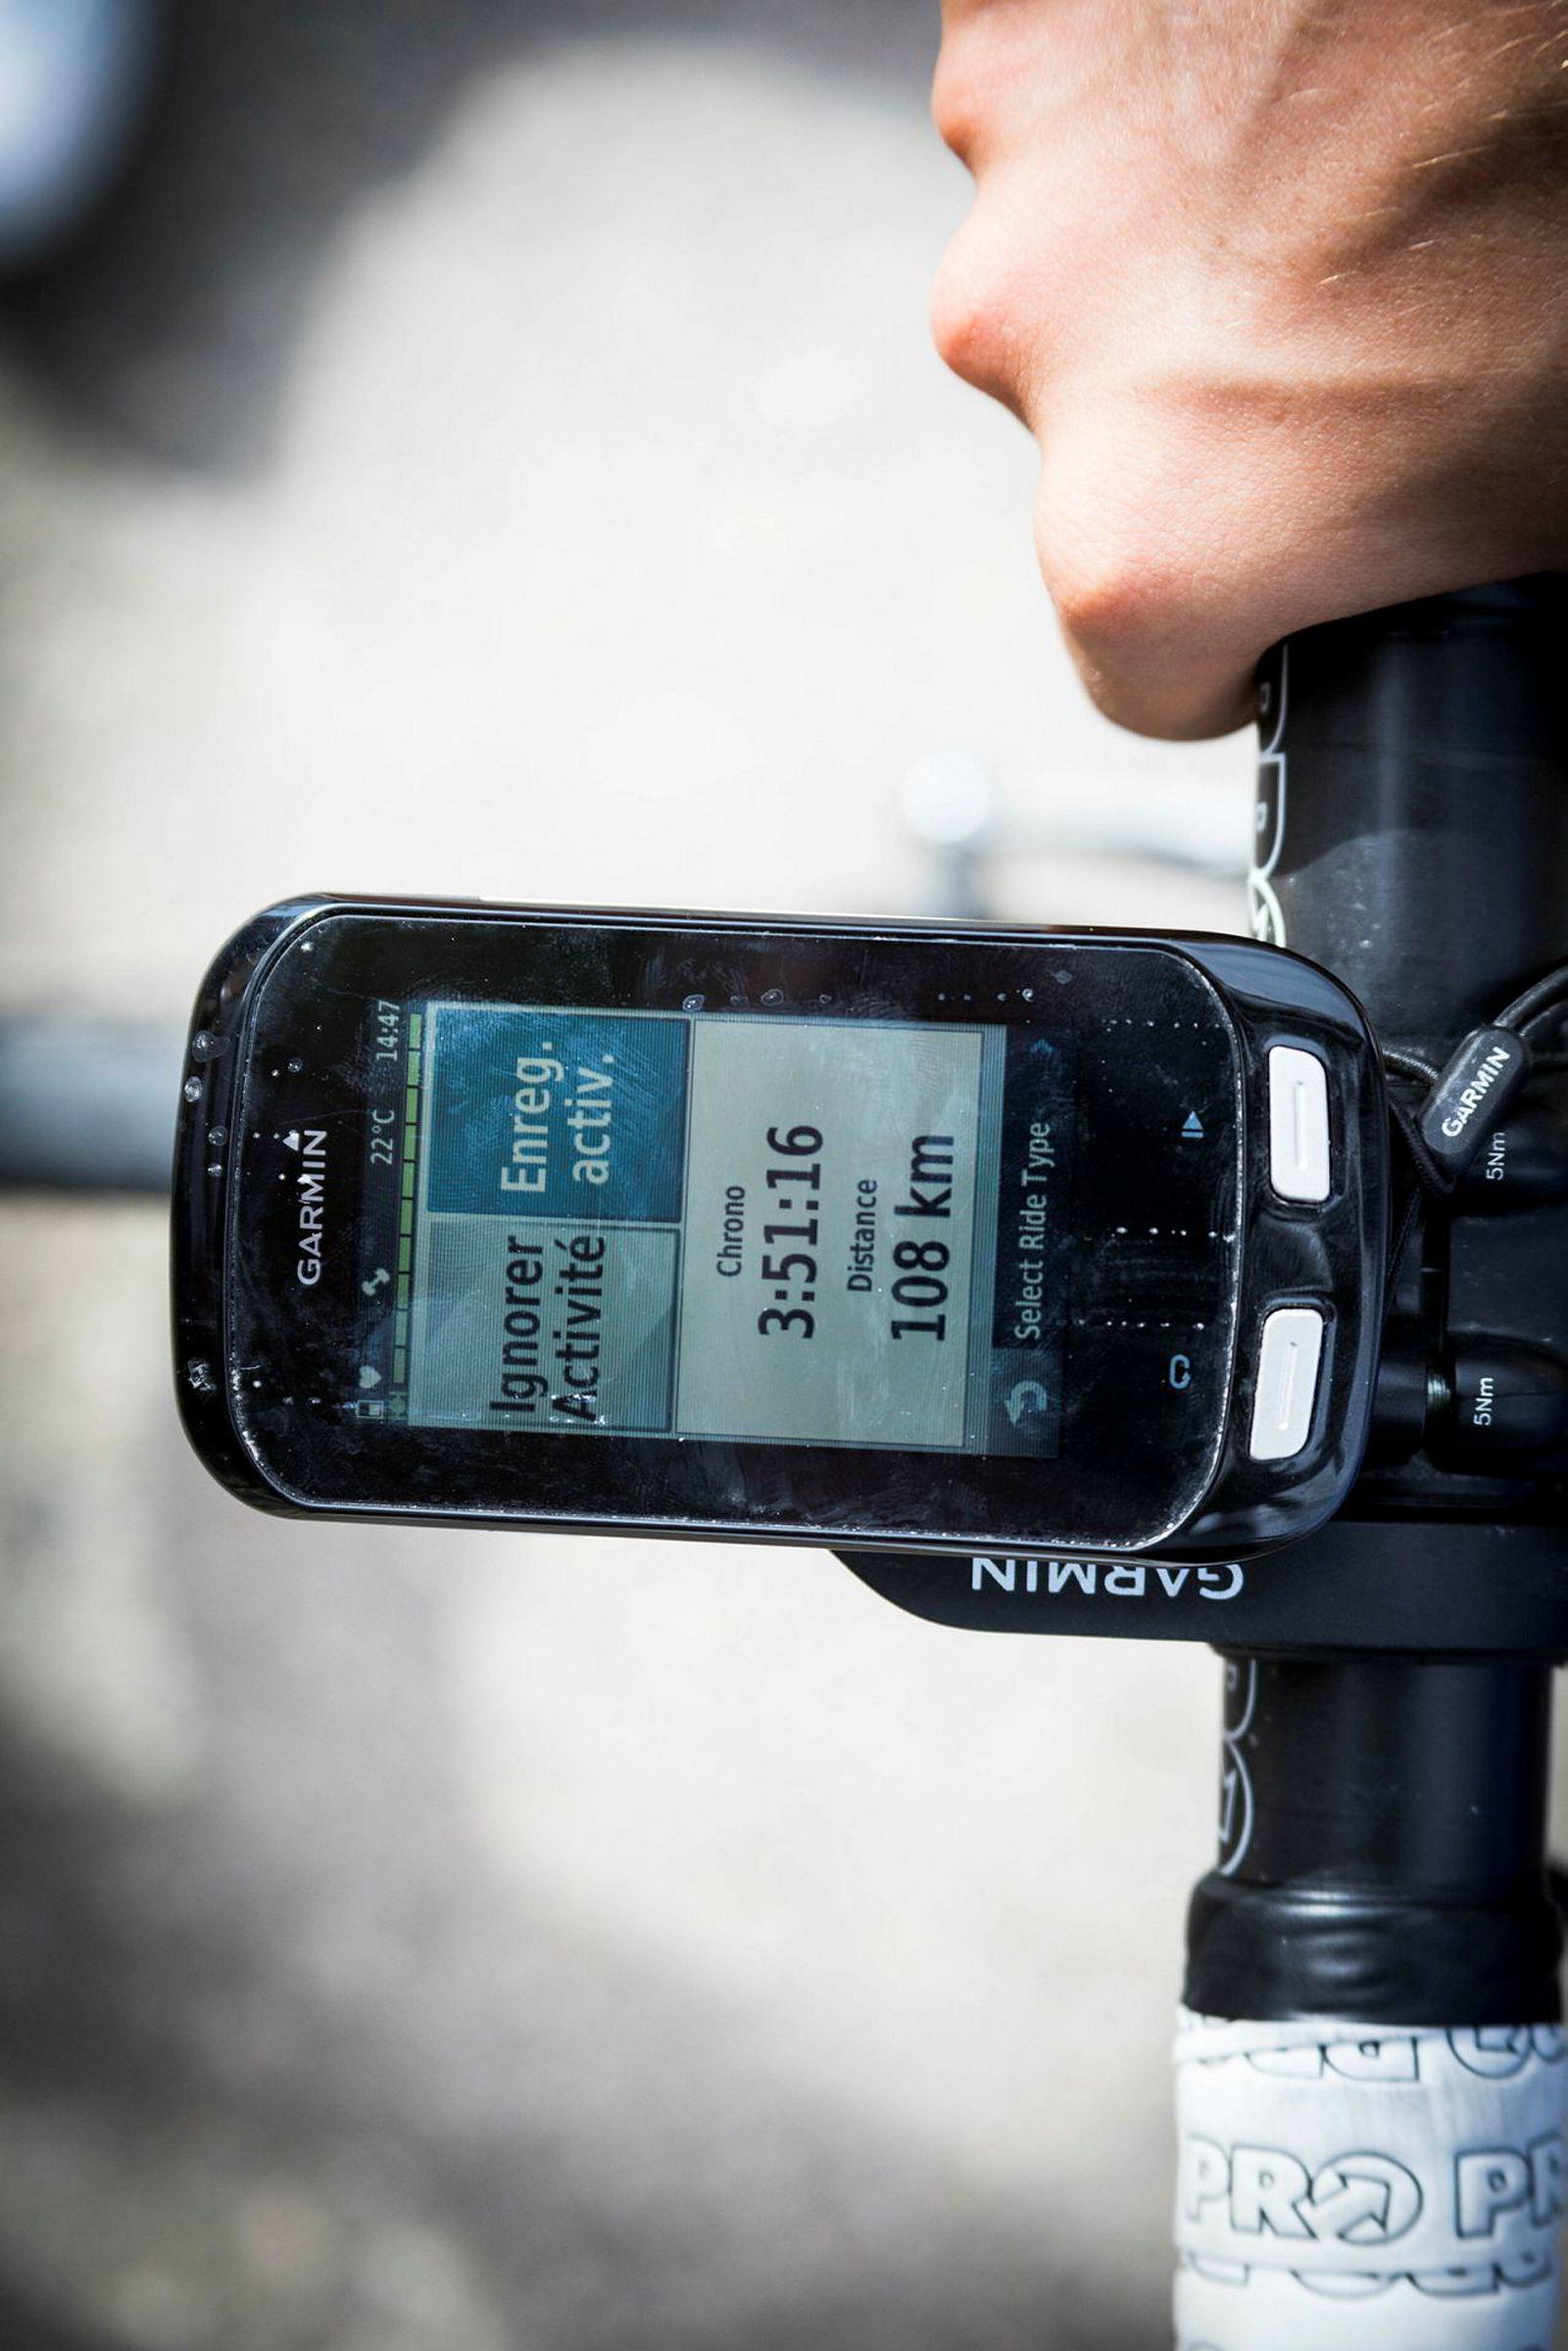 Sykkelcomputeren til Odd Christian Eiking forteller fakta om en ny dag på jobben for proffrytteren i det franske laget Francais des Jeux. Dagens logg viser 108 kilometer i løpet av tre timer og 51 minutter.